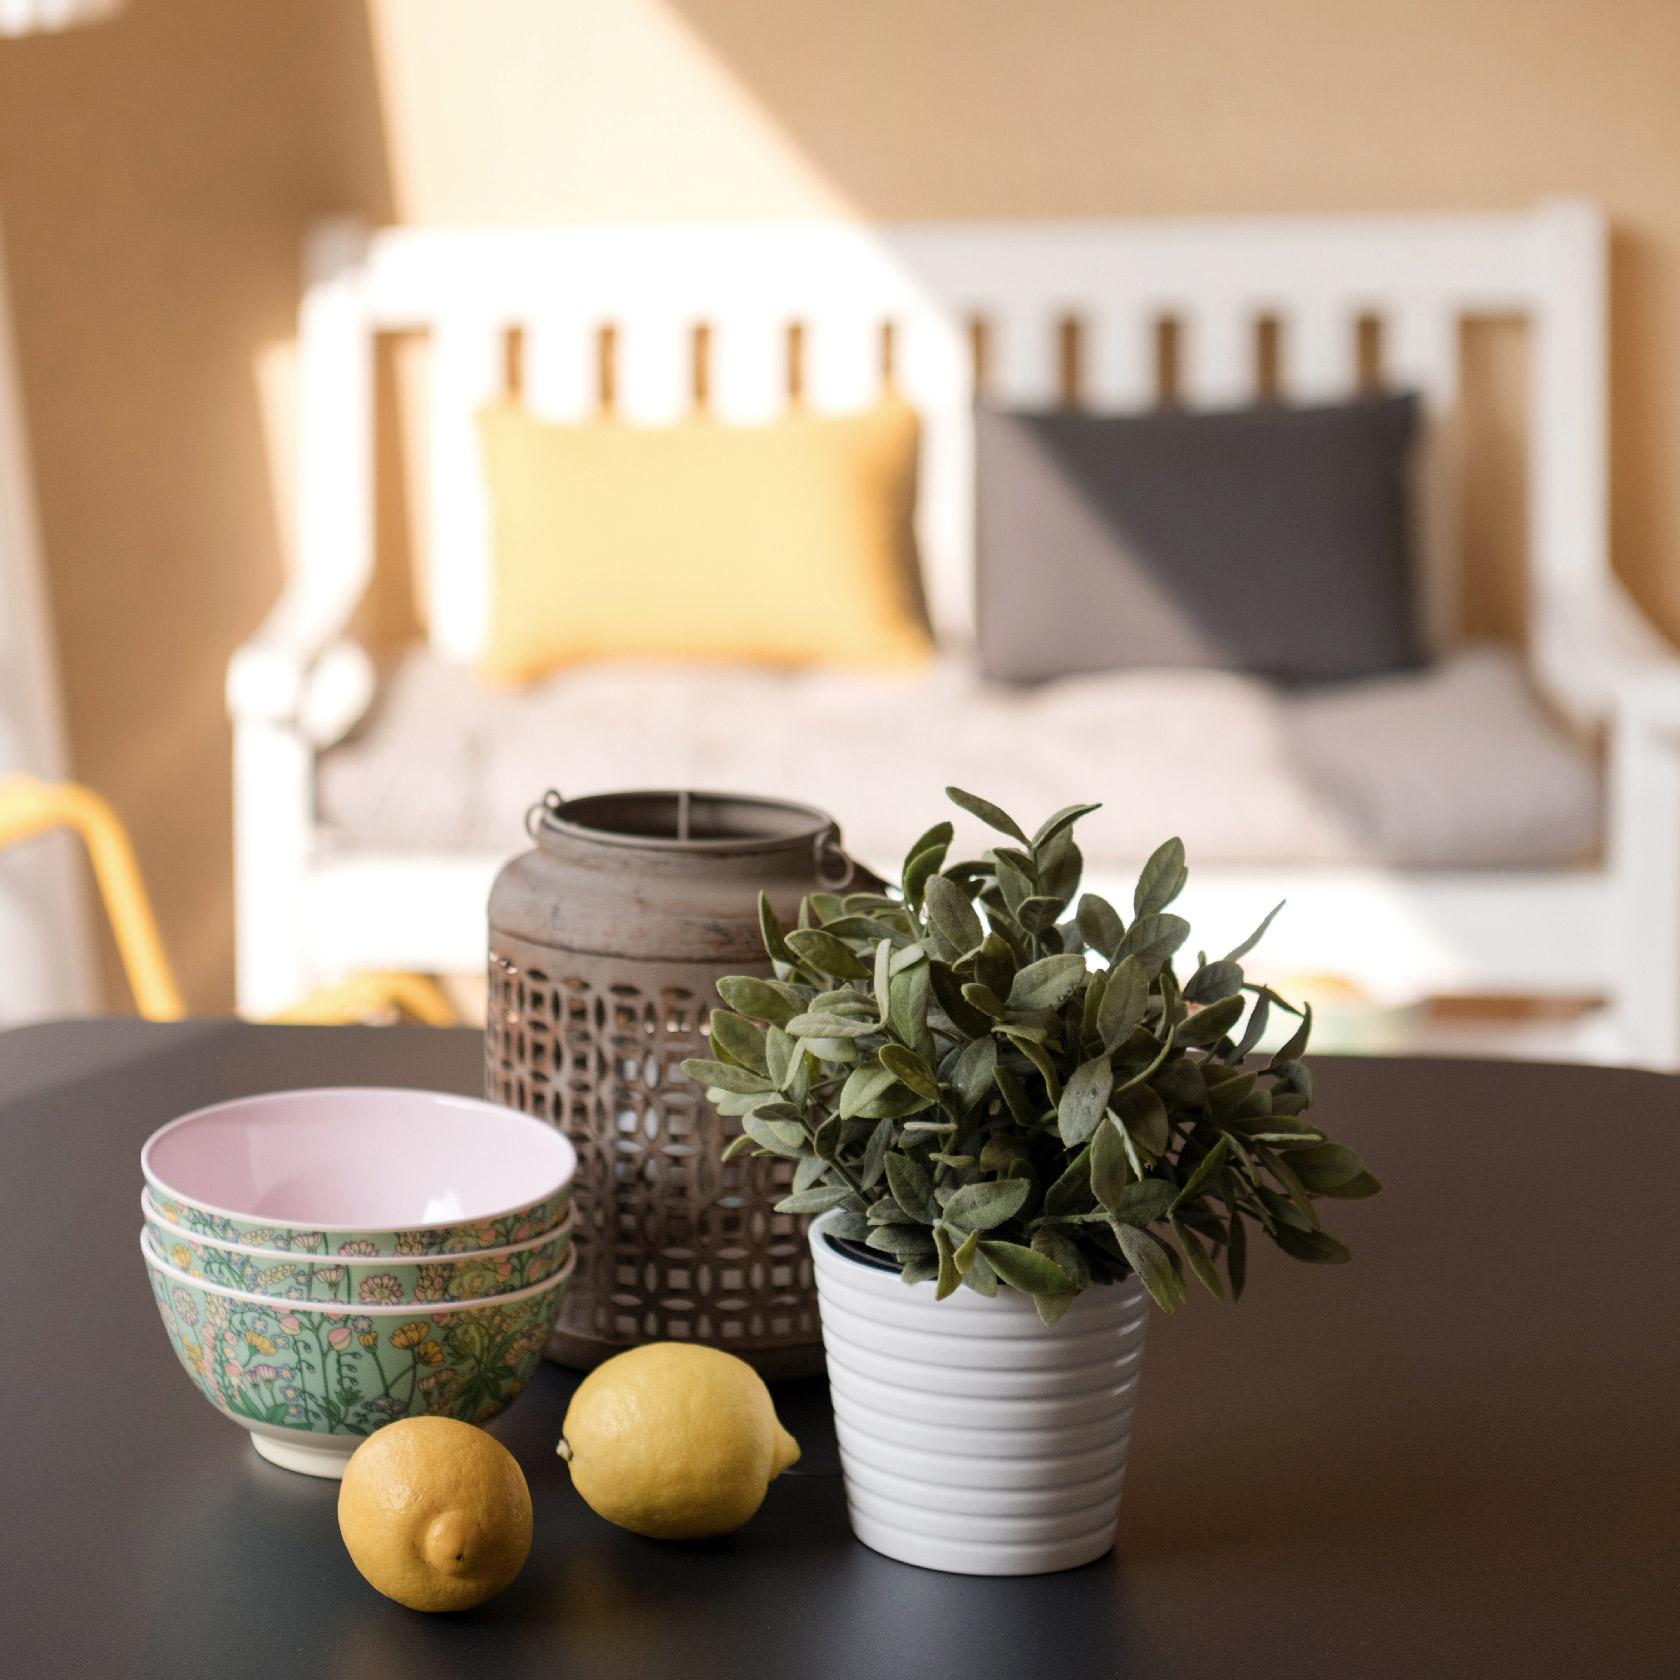 La terrasse comprend un banc en bois blanc et ses coussins en lin, un fauteuil, une table et des chaises de la marque Fermob déclinés dans les tons de gris anthracite et jaune.